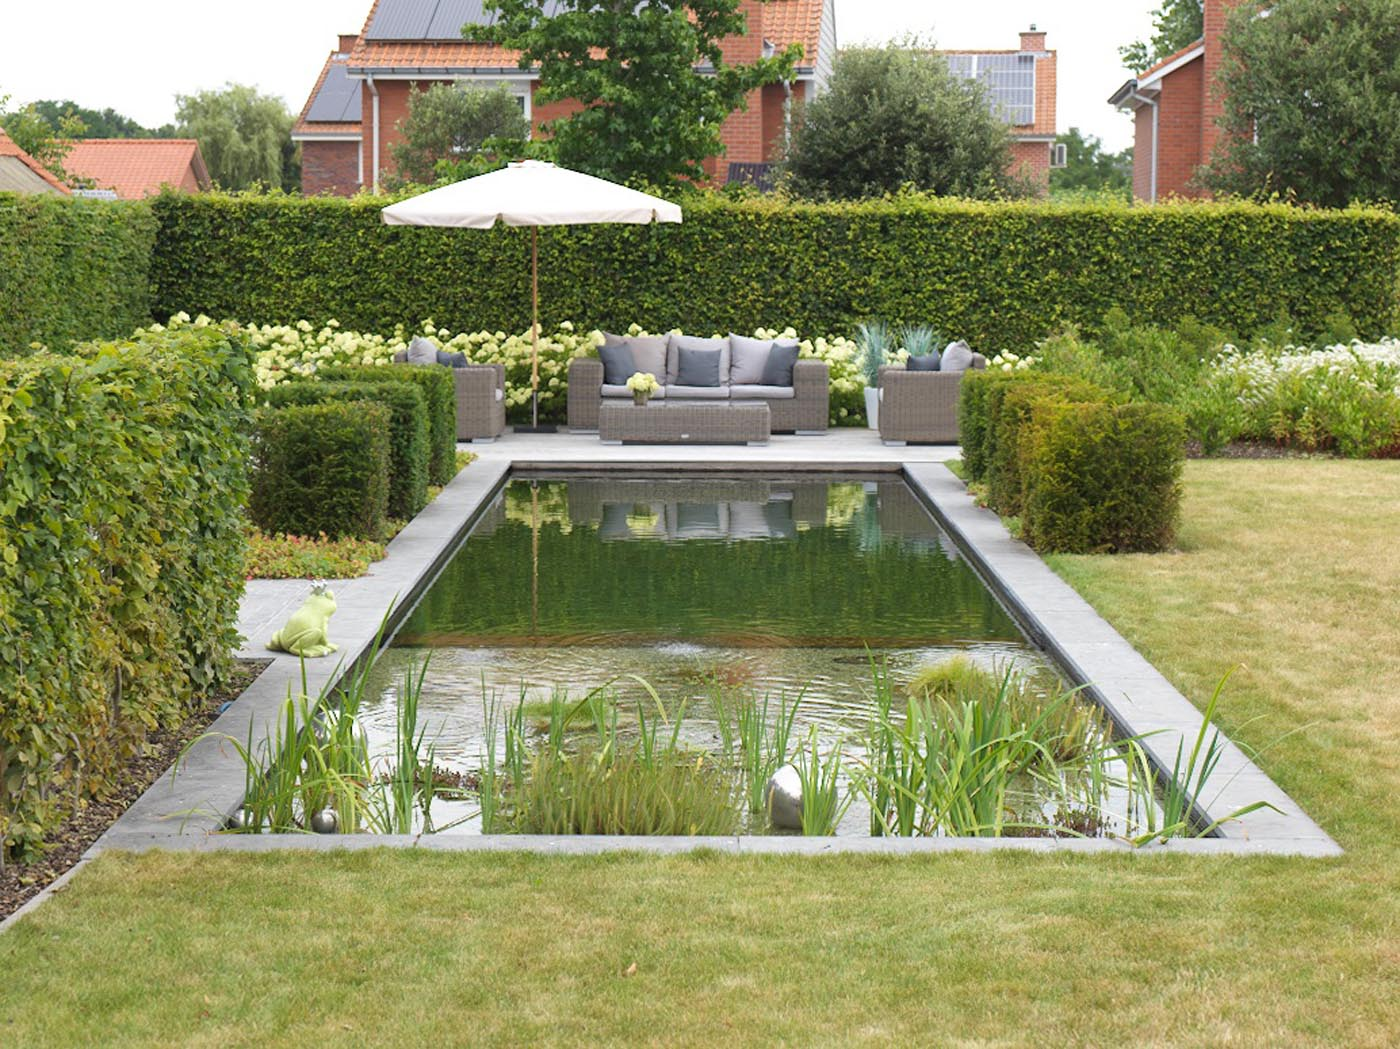 Zwemvijvers l zwemvijver aanleggen l tuinarchitect de roose for Aanleg zwemvijver